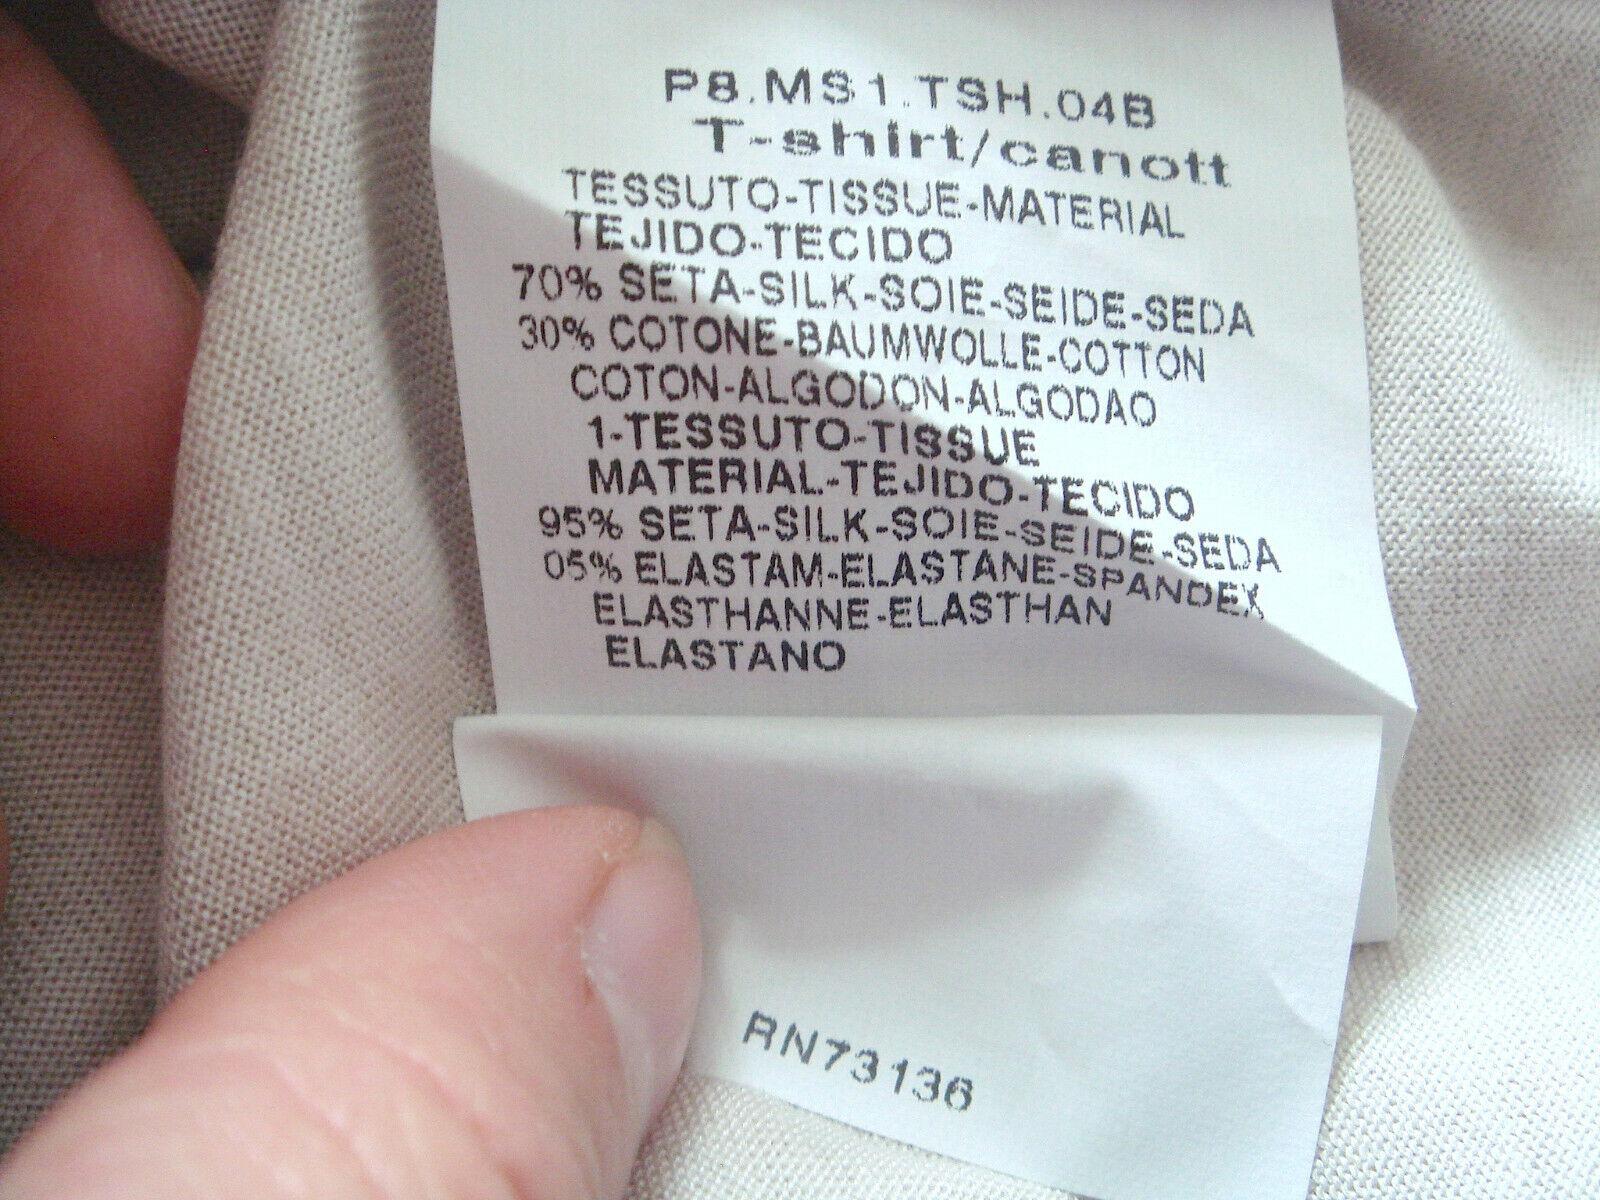 S 'MAX MARA MARA MARA by MAX MARA Top con eleganti pietre Swarowski 70% seta, 30% Co Taglia M e01430